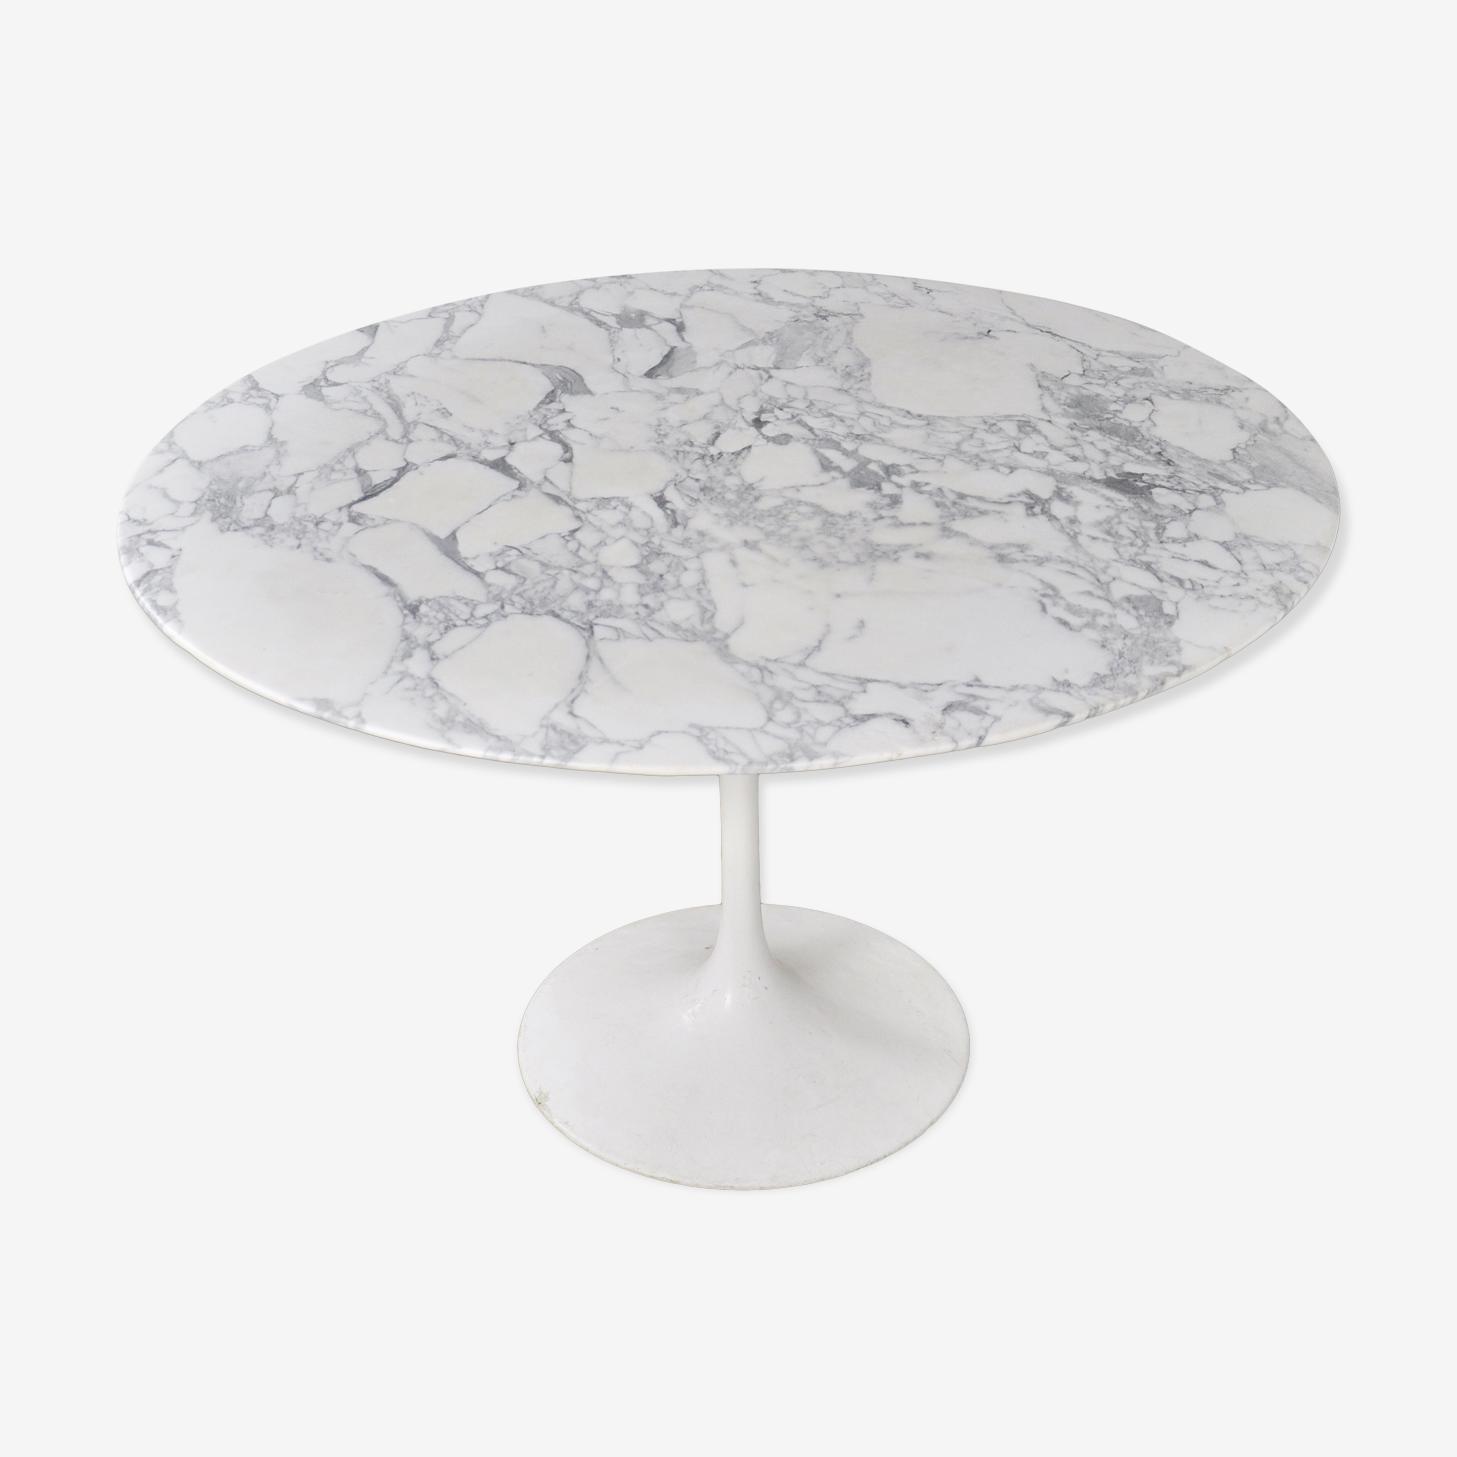 Tulip table by Eero Saarinen for Knoll, 1960